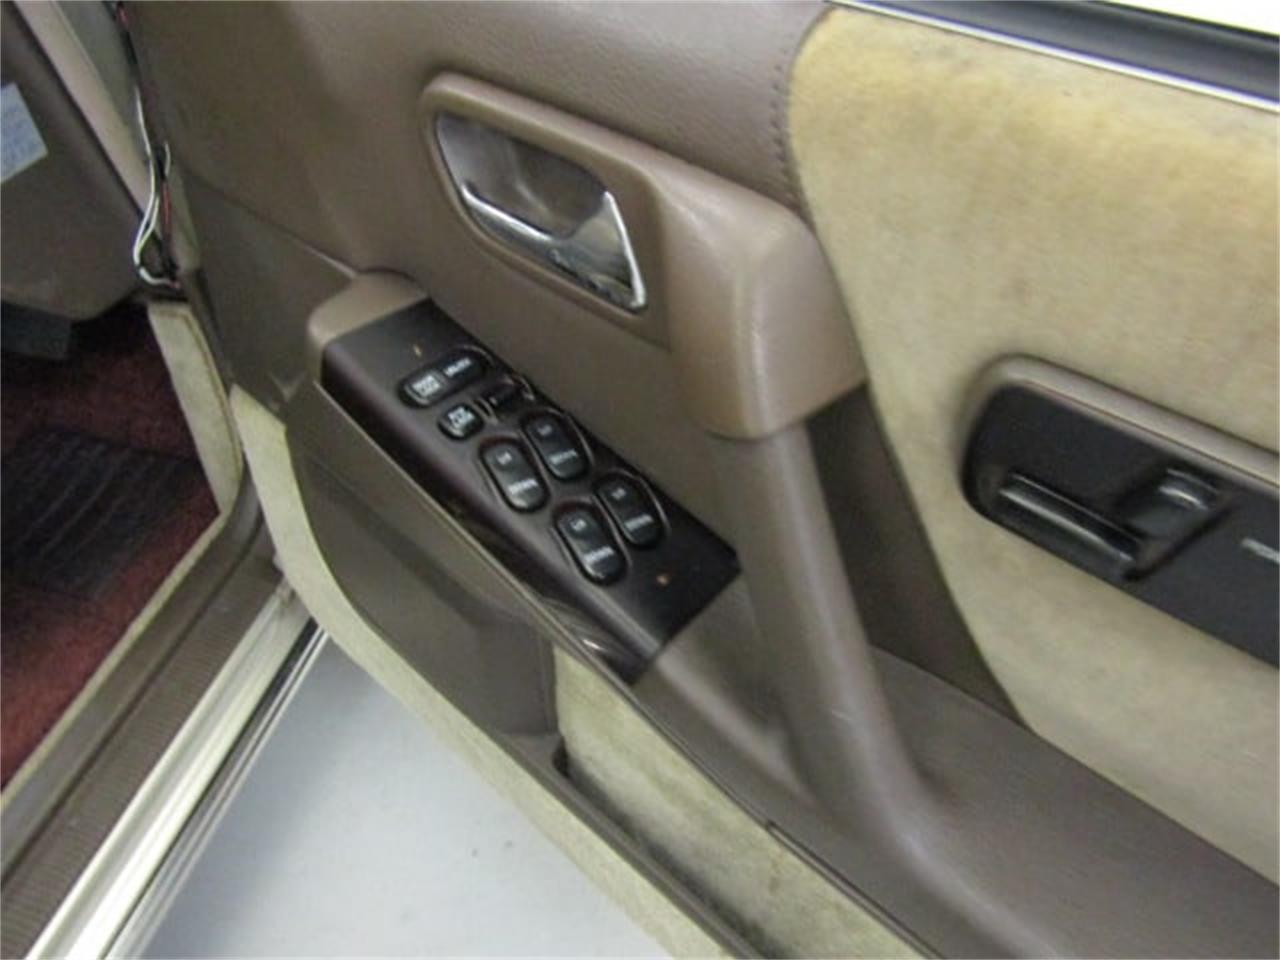 Large Picture of '90 Nissan Cima - $6,900.00 - JZ2V